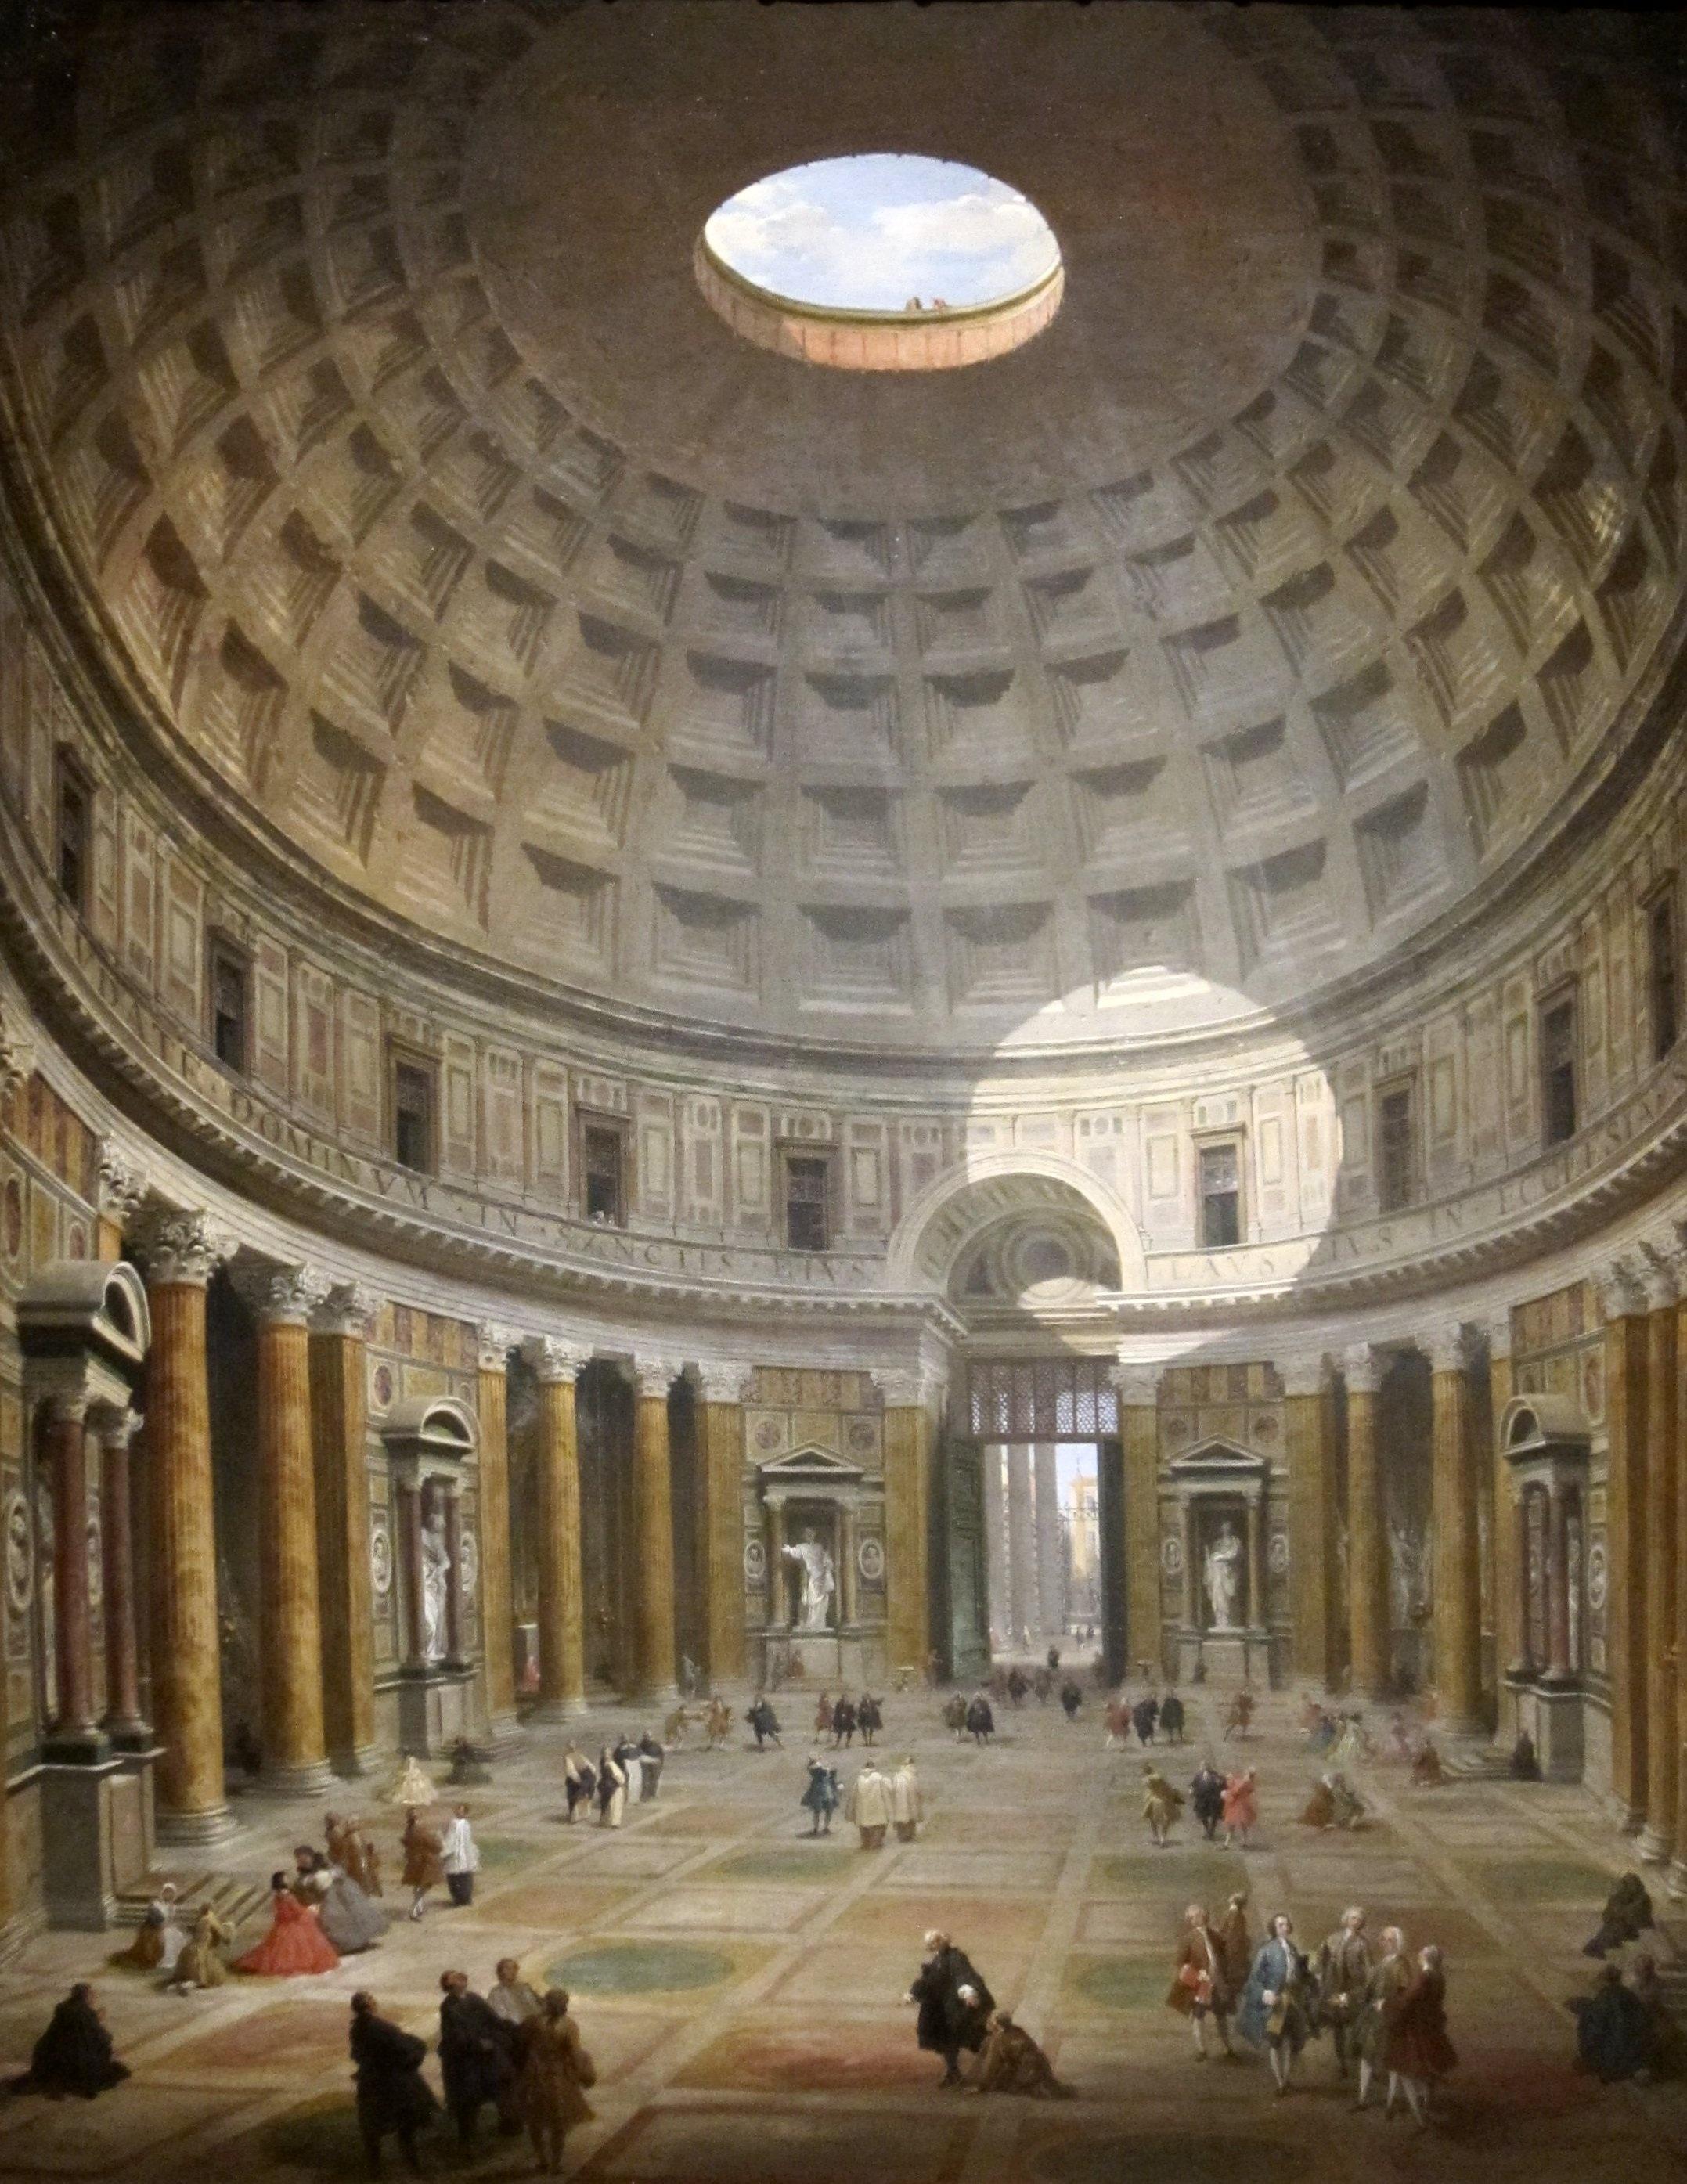 fotos gratis agujero interior edificio museo lugar de adoracin obra de arte bautisterio panini roma simetra famoso cuadros